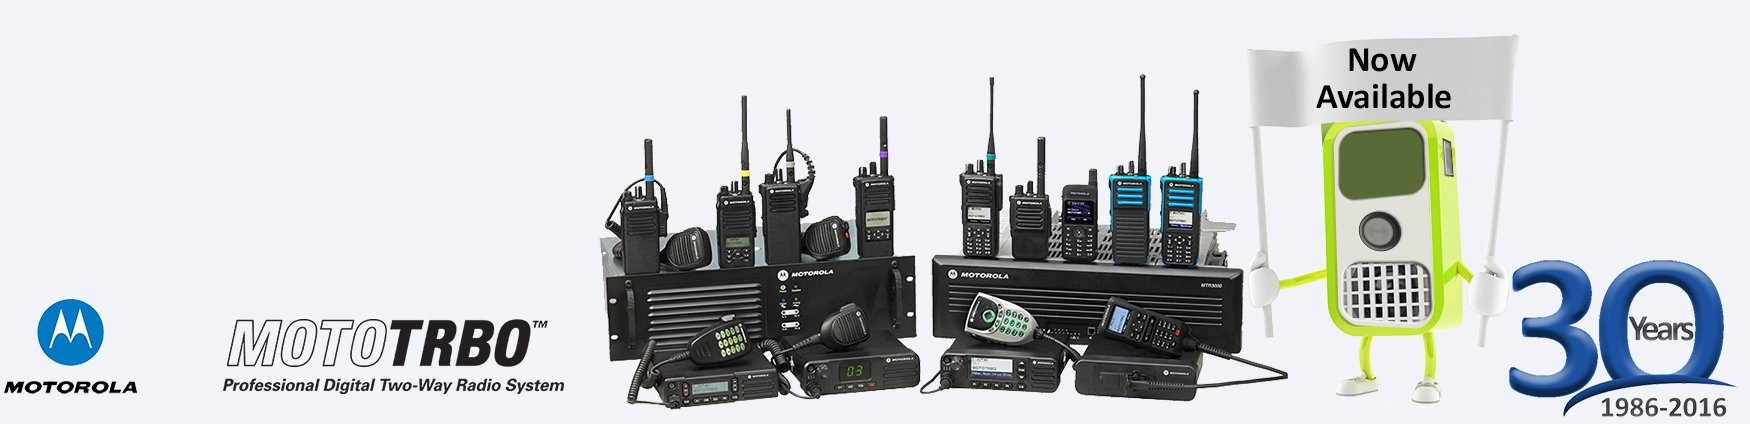 Motorola Mototrbo Range